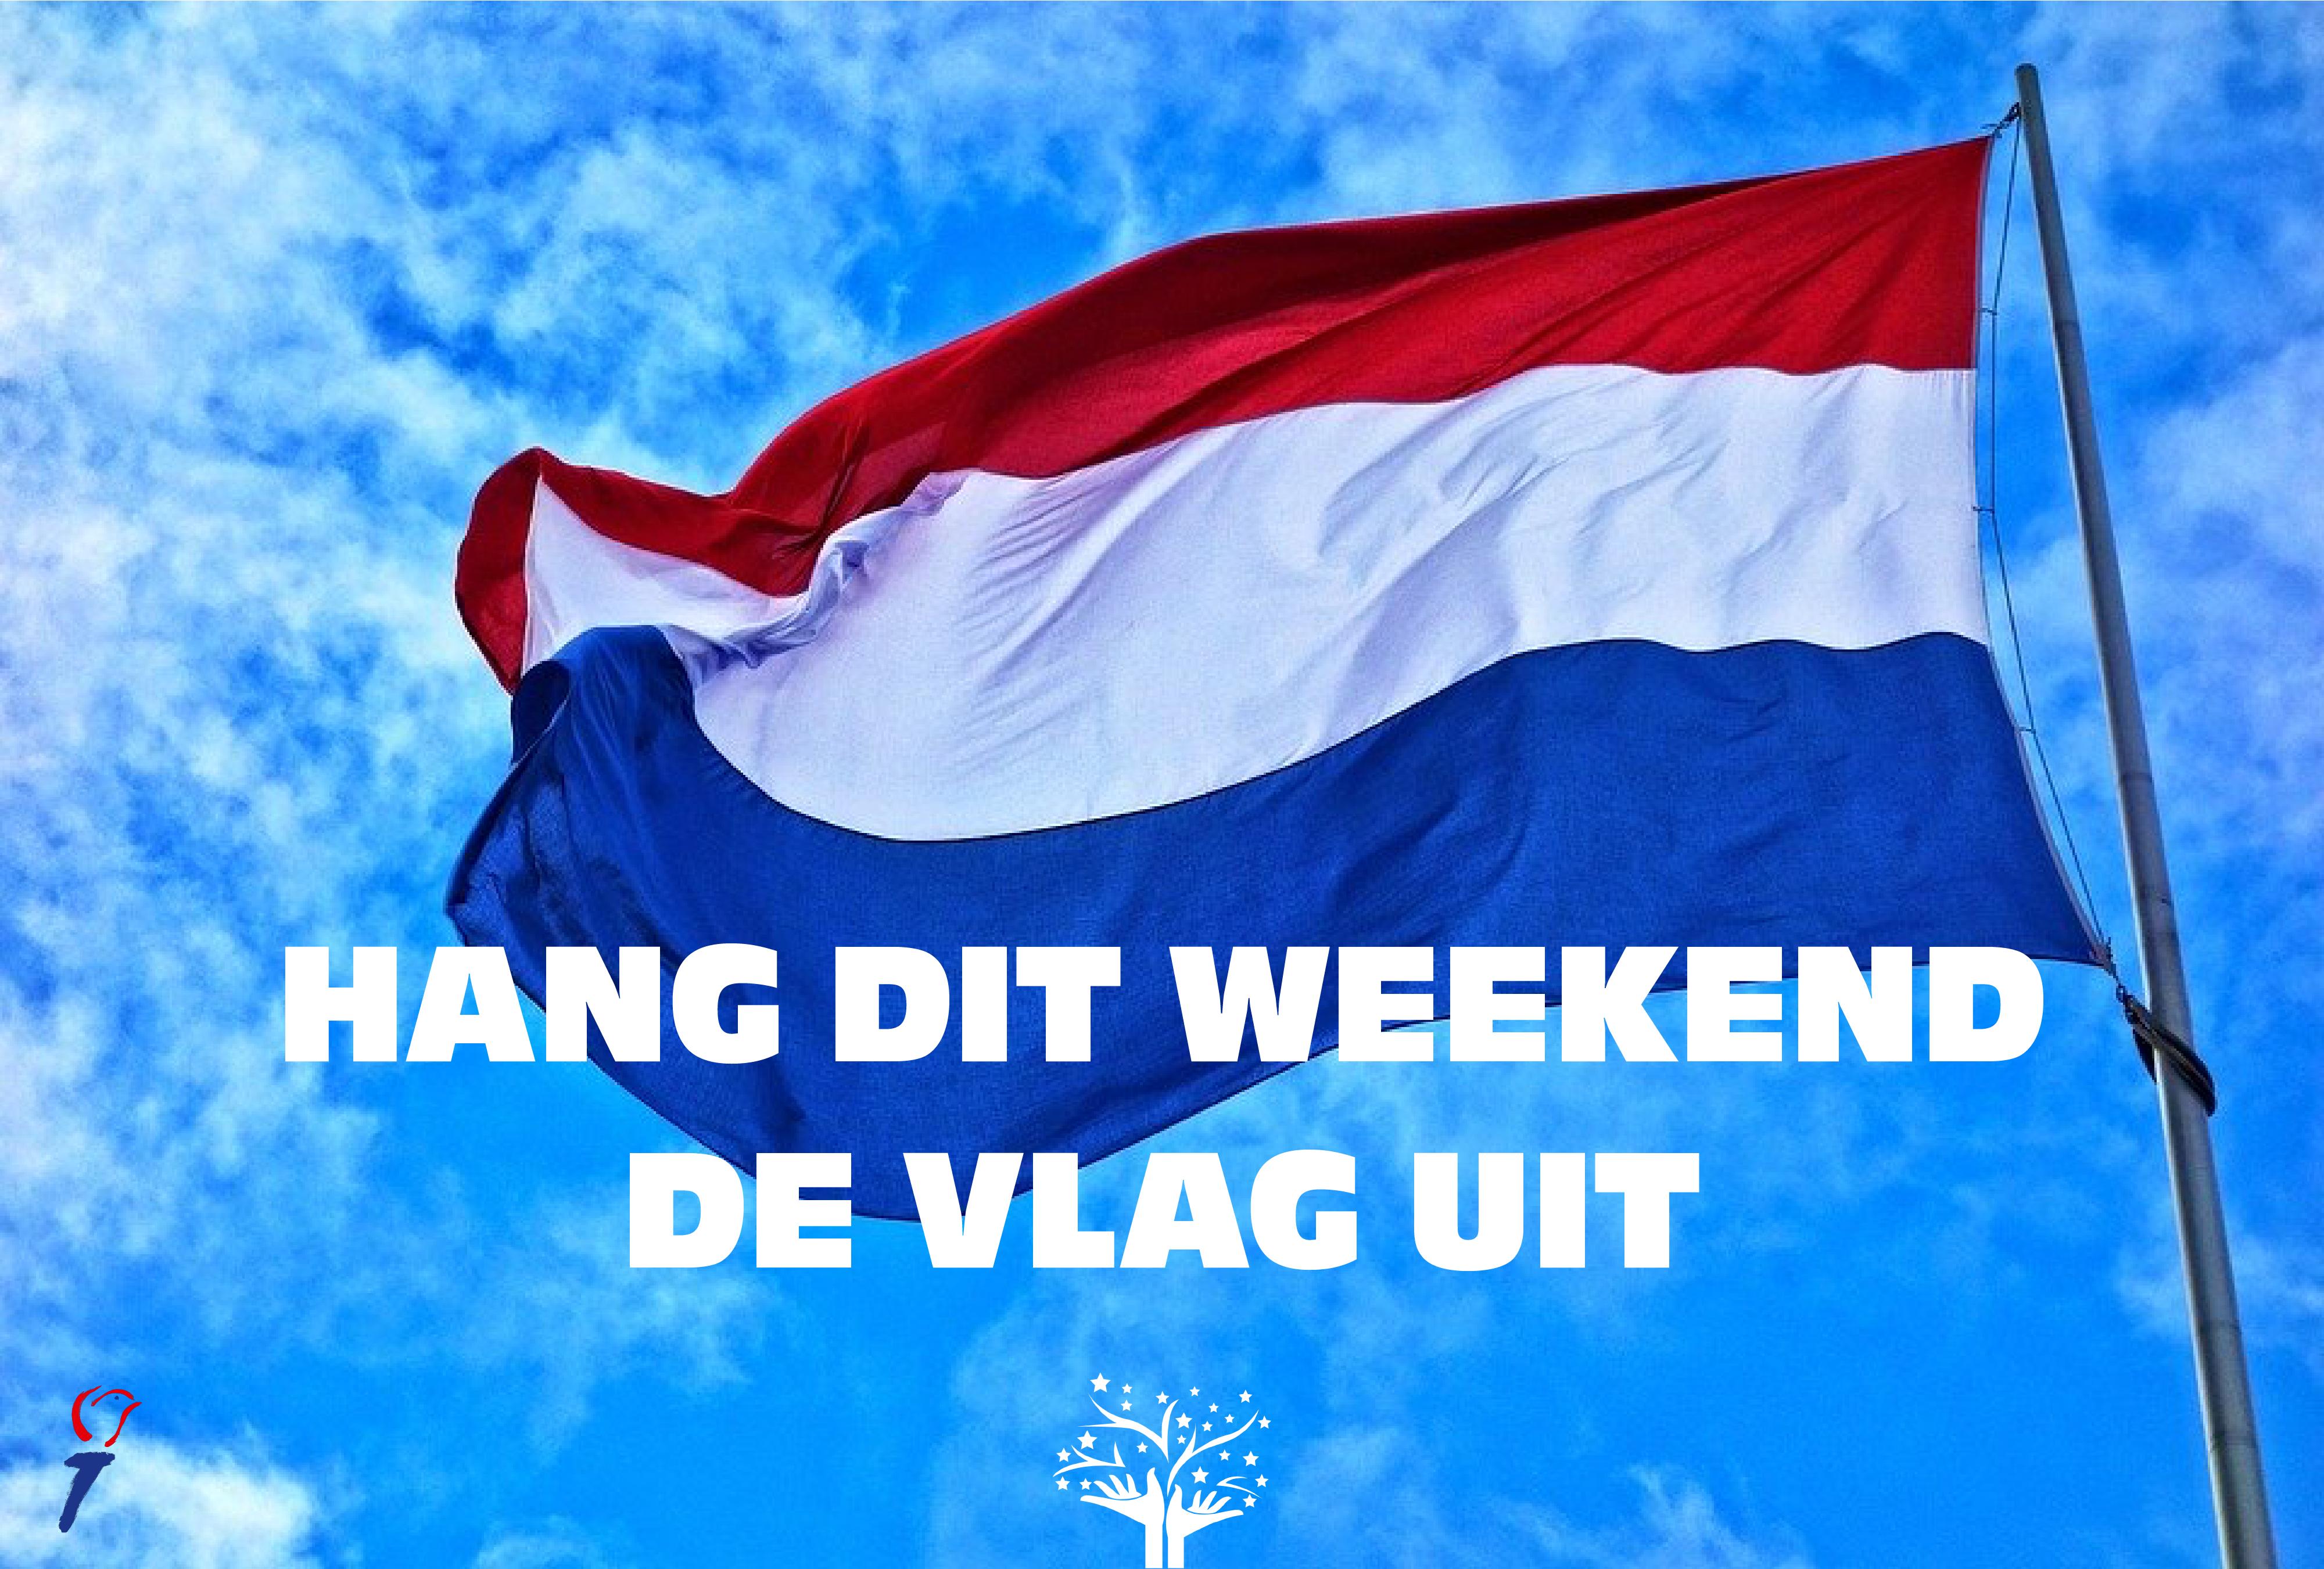 Hang dit weekend de vlag uit!